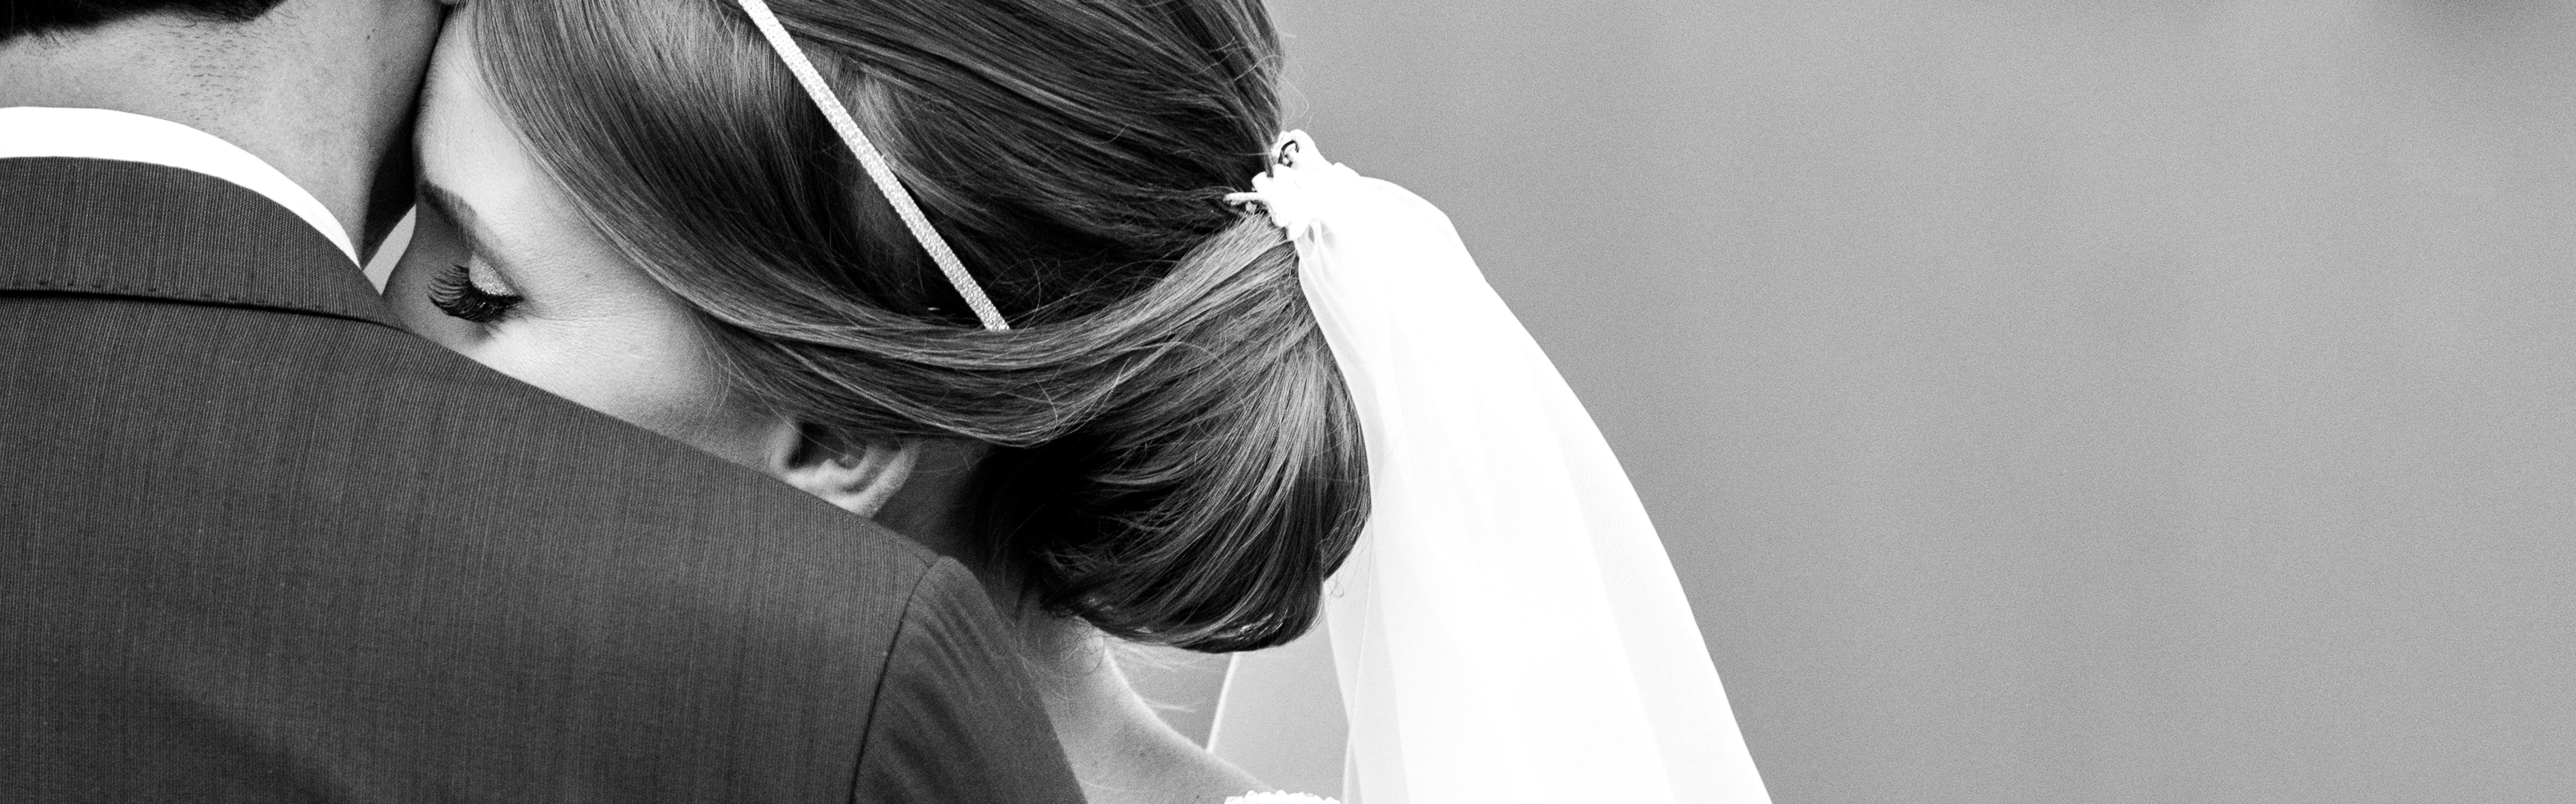 Contate Blessends foto e filme - foto e filmagem para casamento